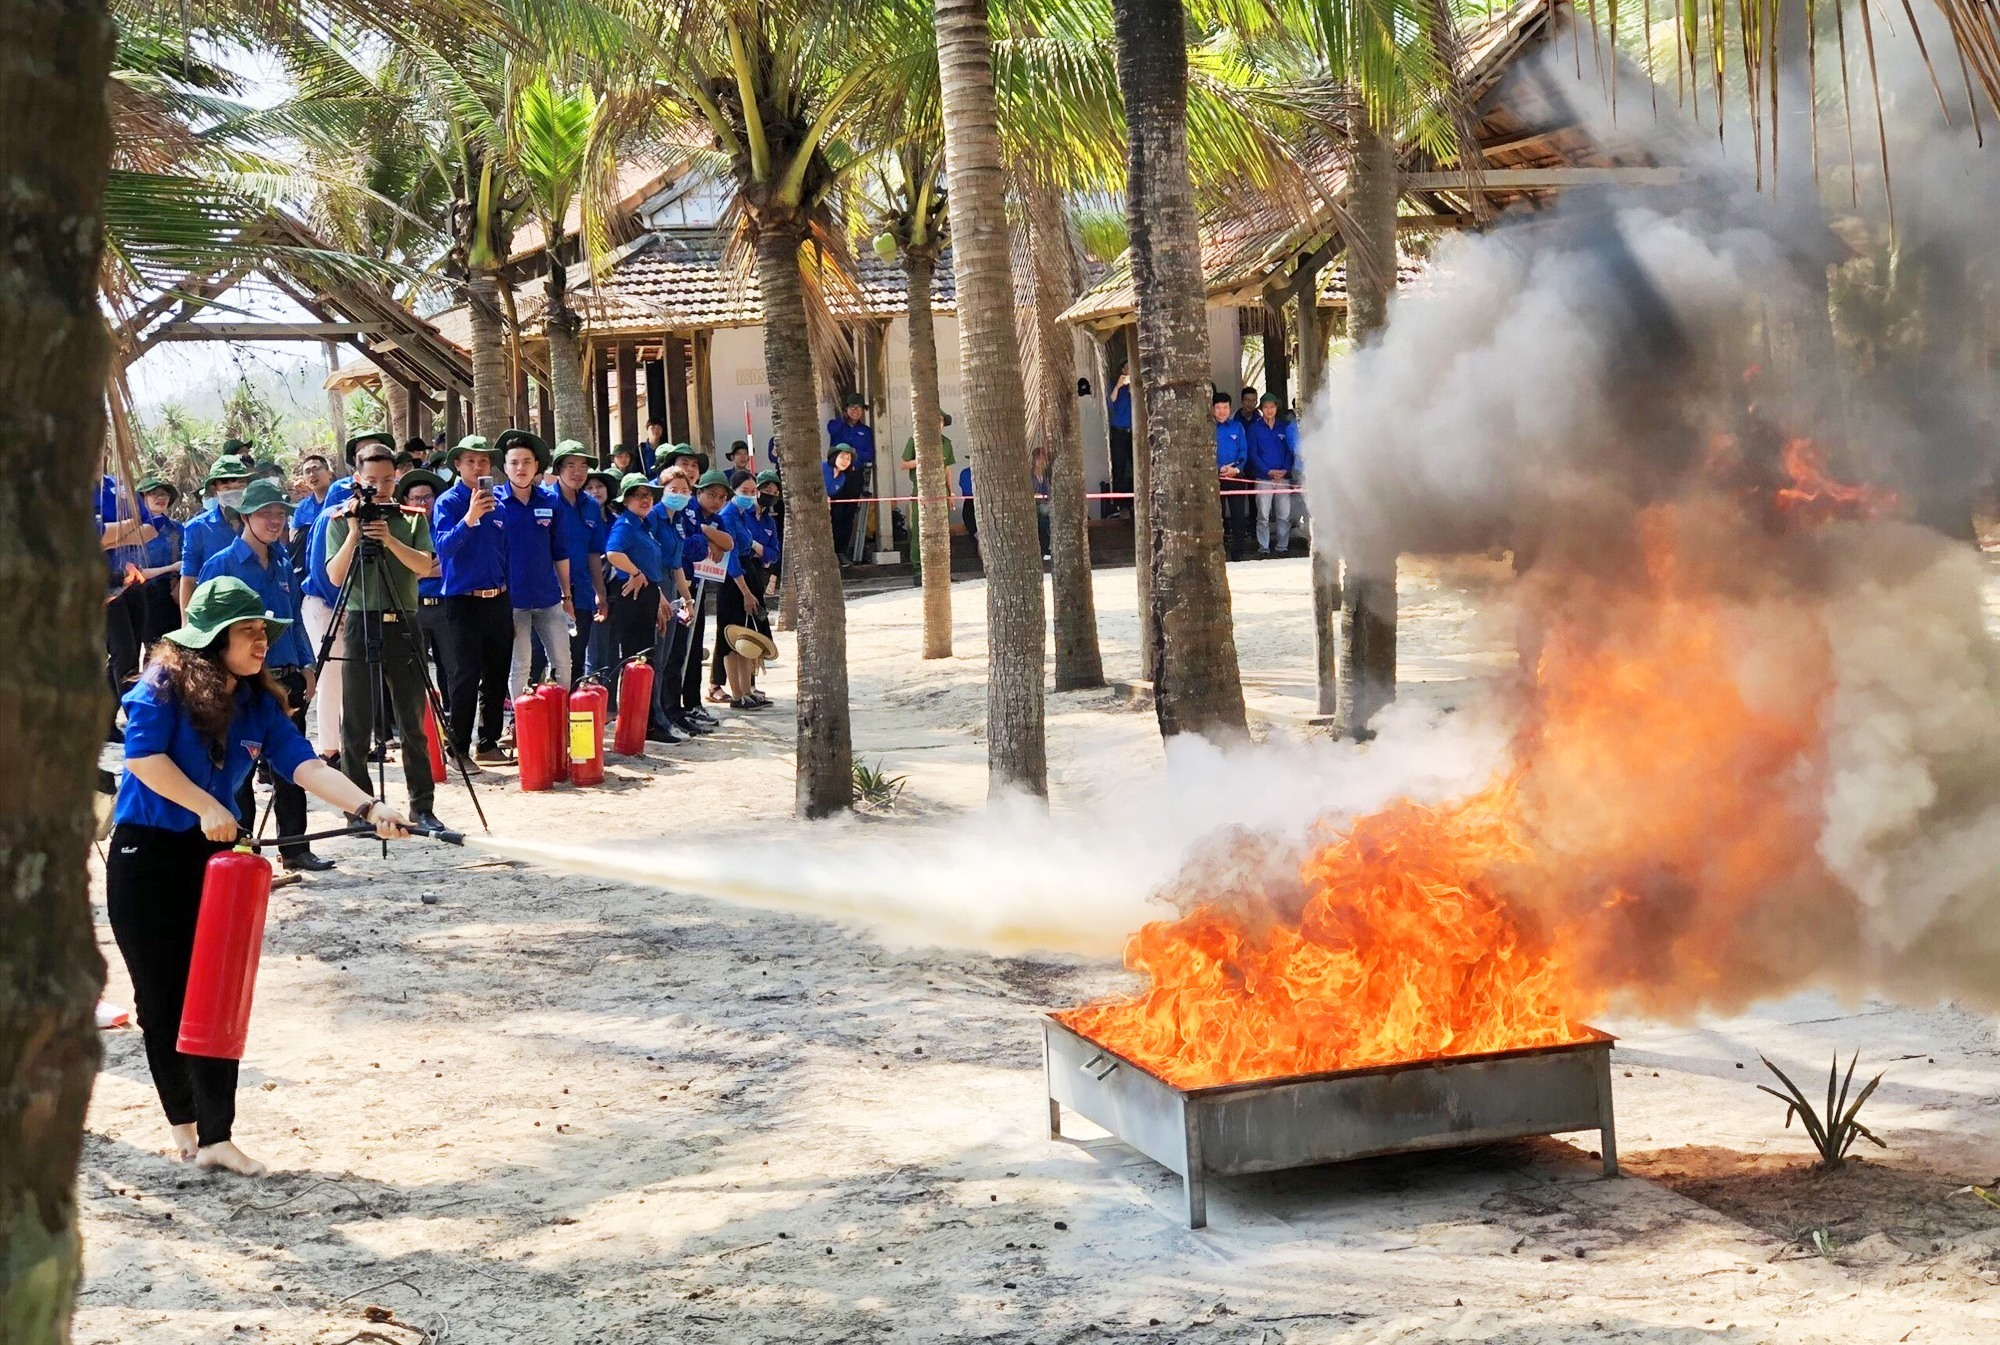 Đoàn viên tham gia thi thực hành kỹ năng phòng cháy chữa cháy.